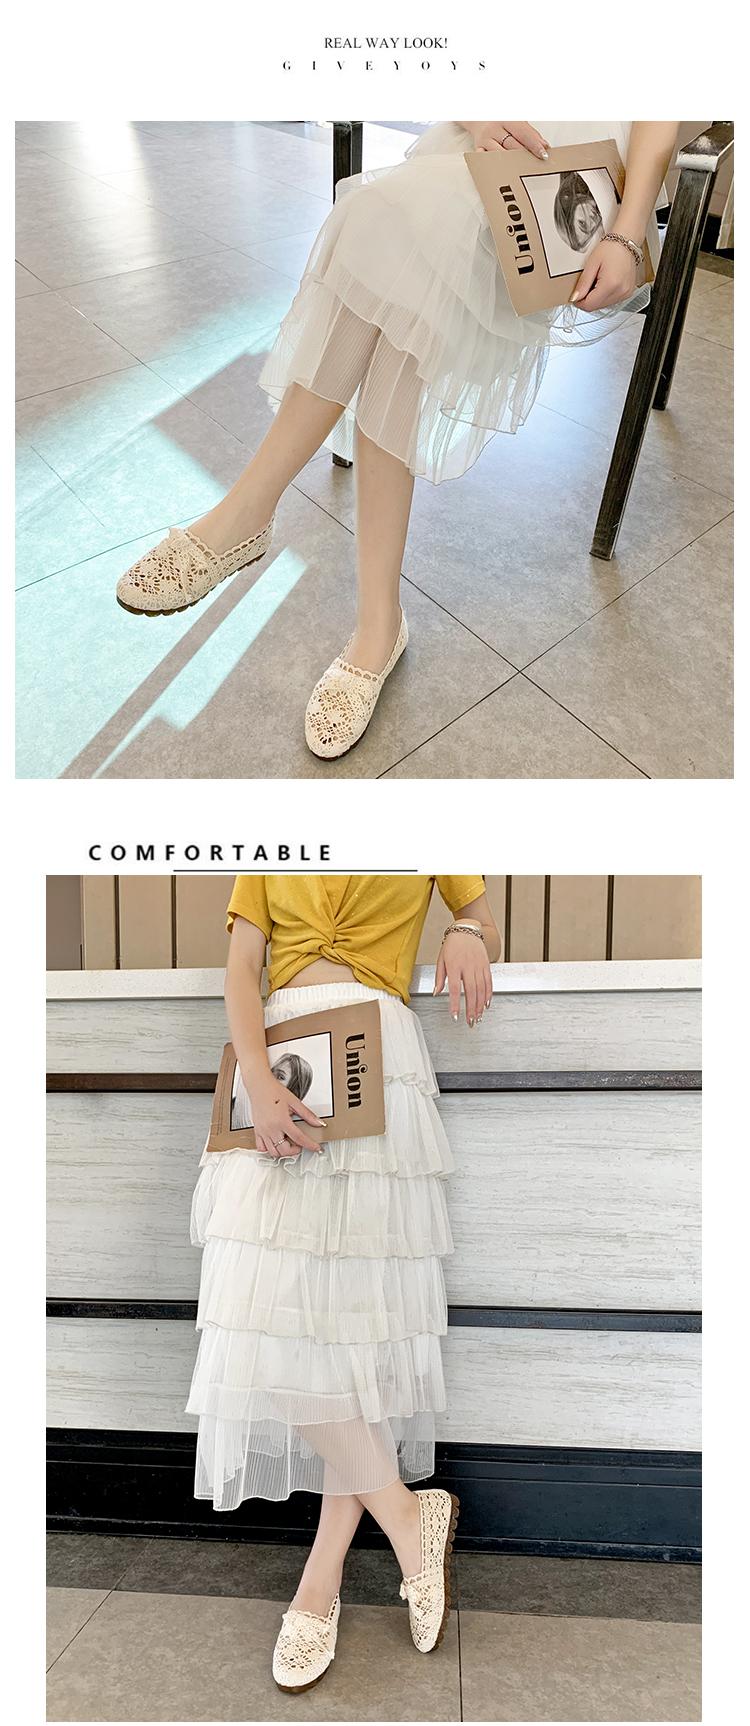 巧爱曼软底豆豆鞋女新款韩版丝带浅口懒人甜美一脚蹬平底单鞋详细照片